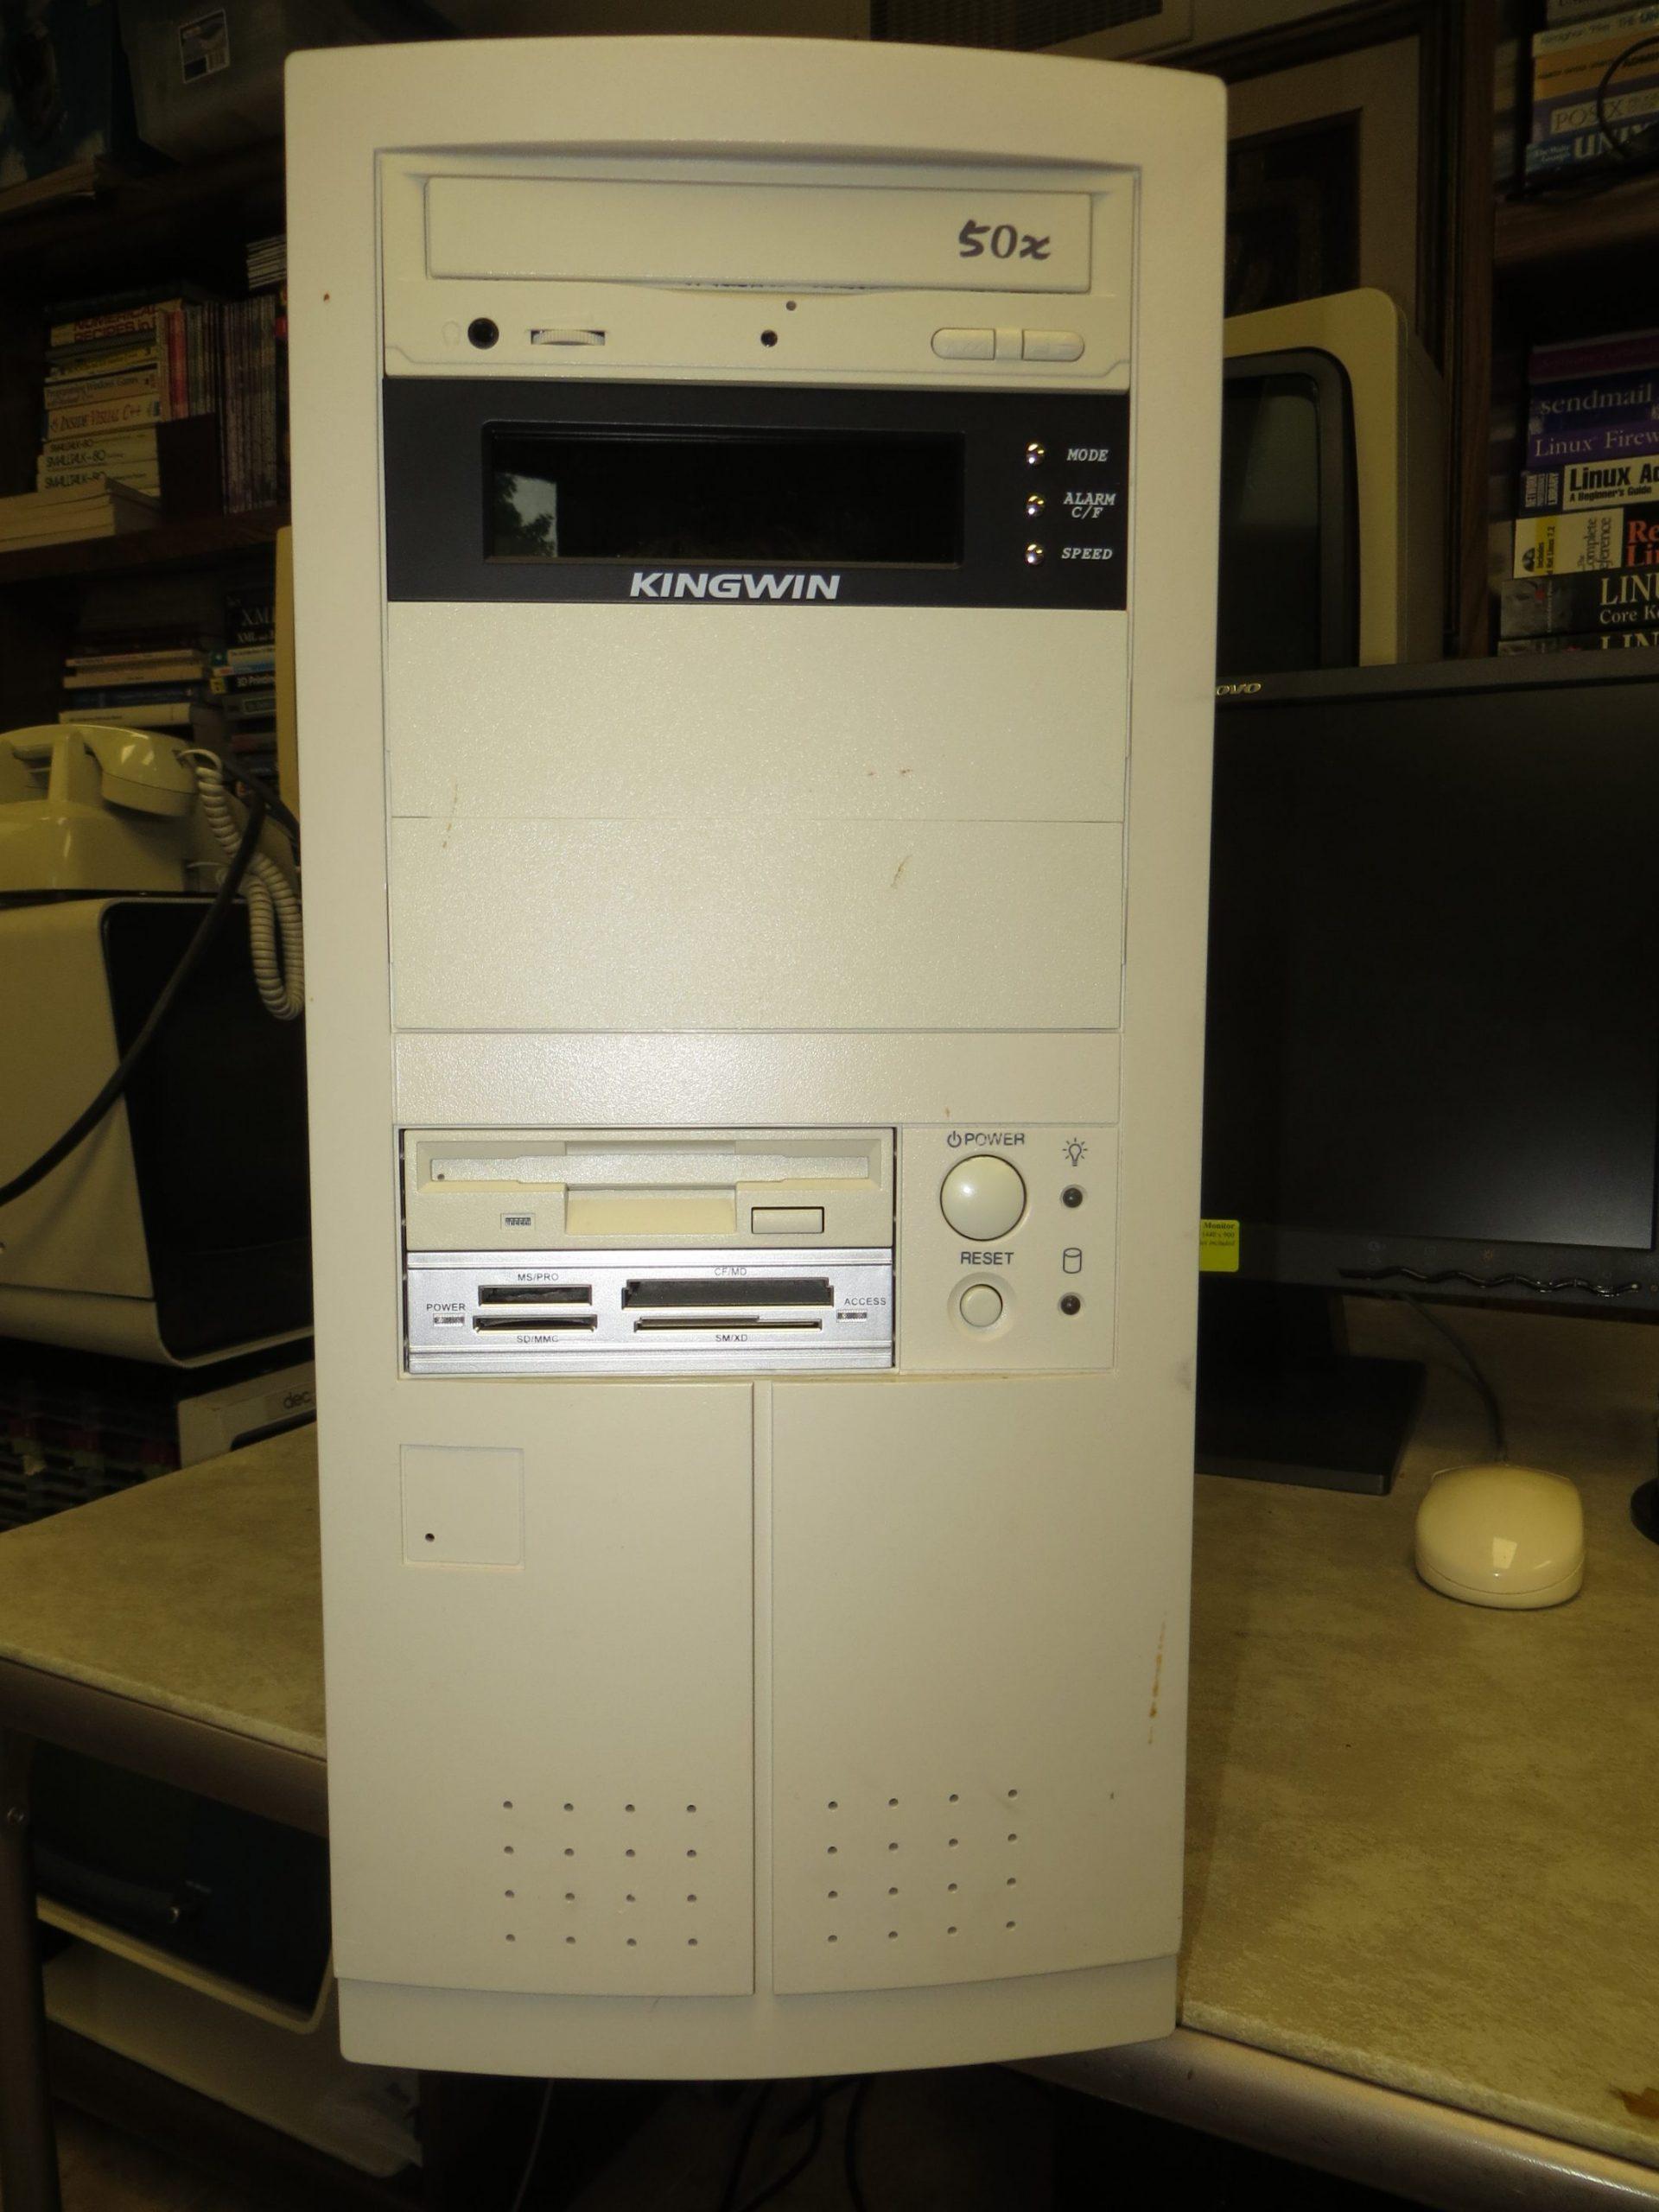 AMD 1.33GHz Athlon Based PC